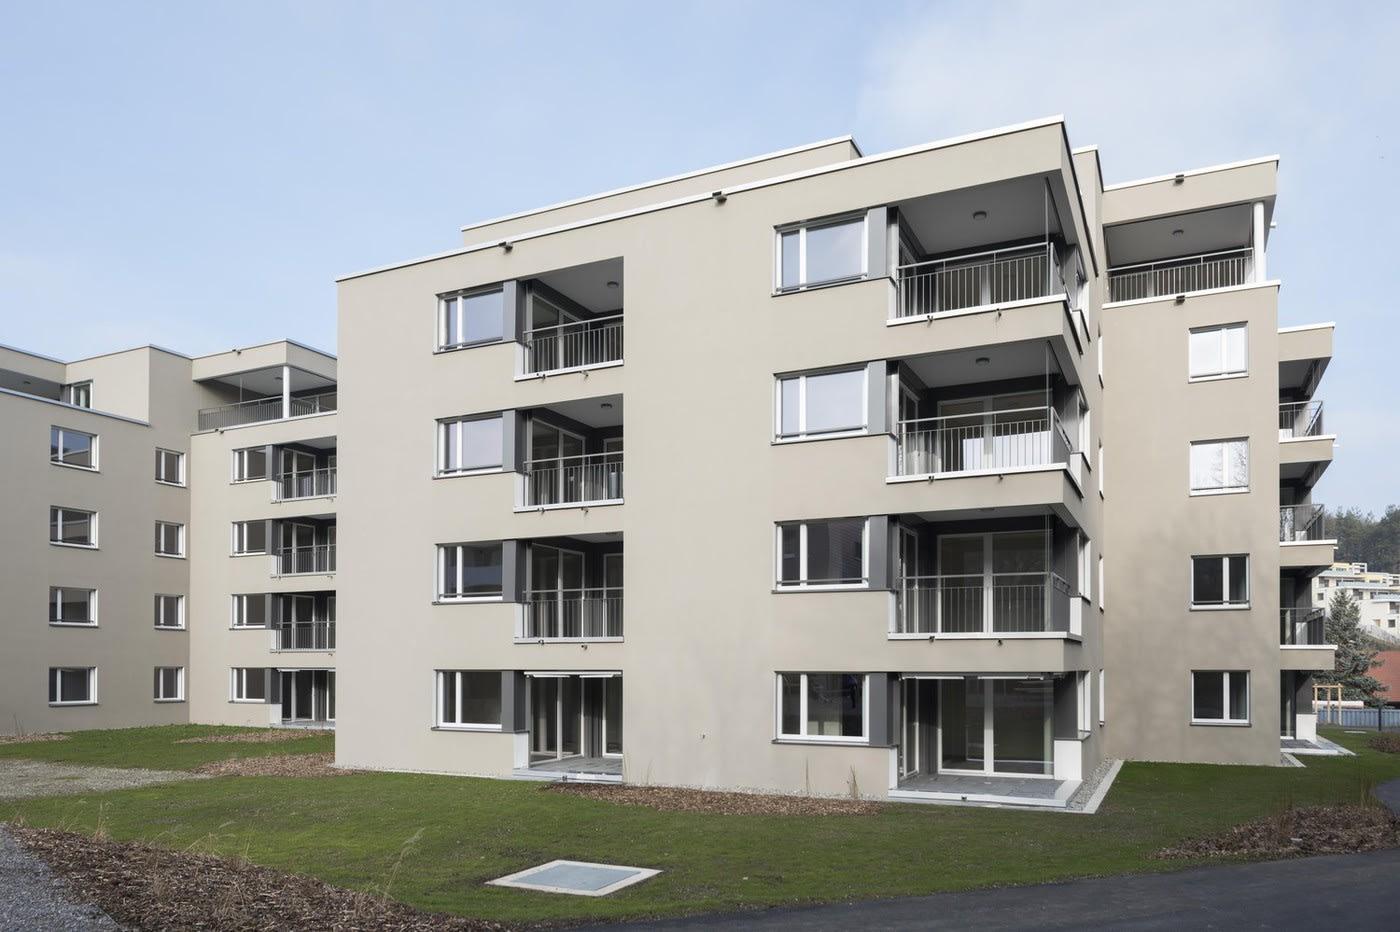 Neutalstrasse 4